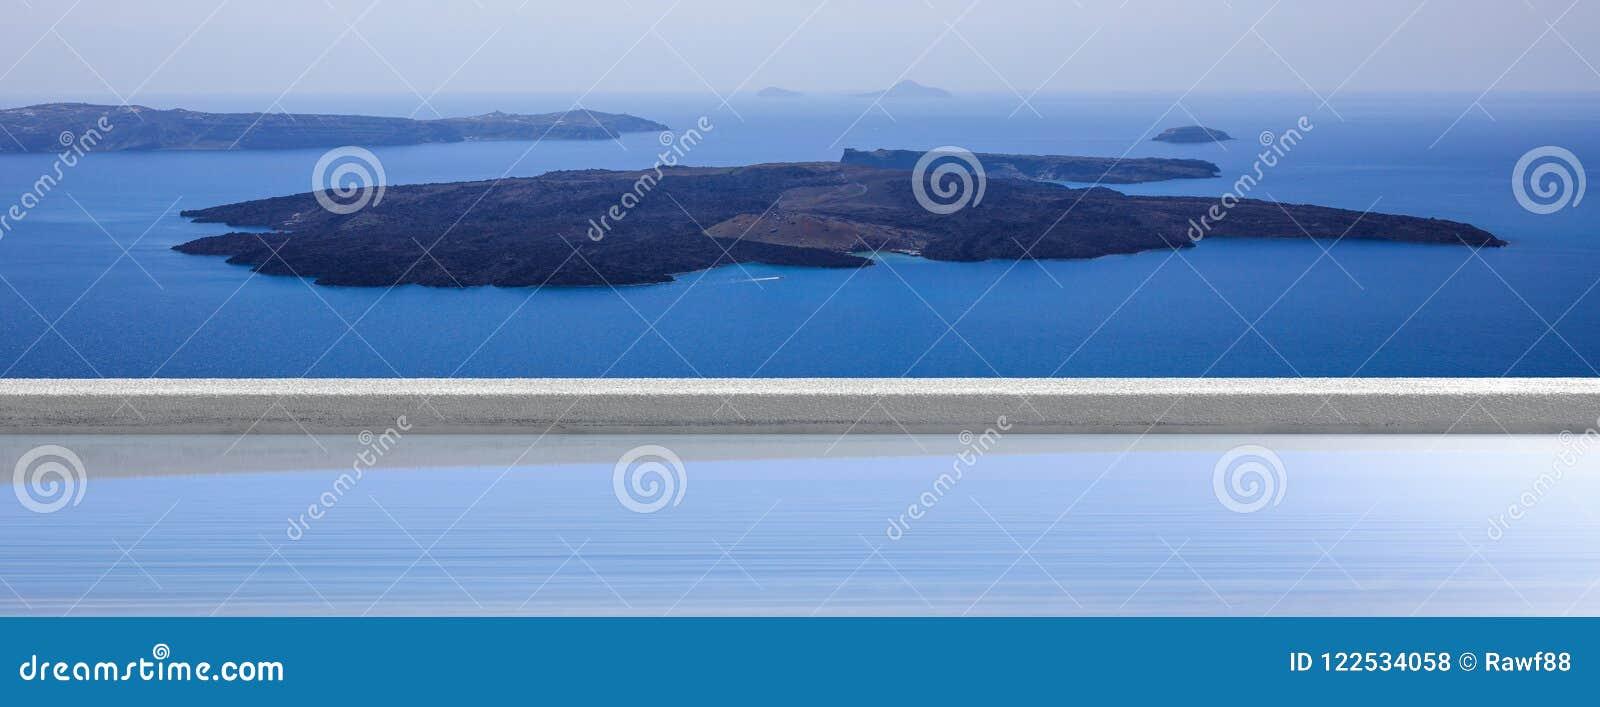 Wakacje w Greckich wyspach, Santorini, Grecja Wulkanu widok nad pływackim basenem, sztandar